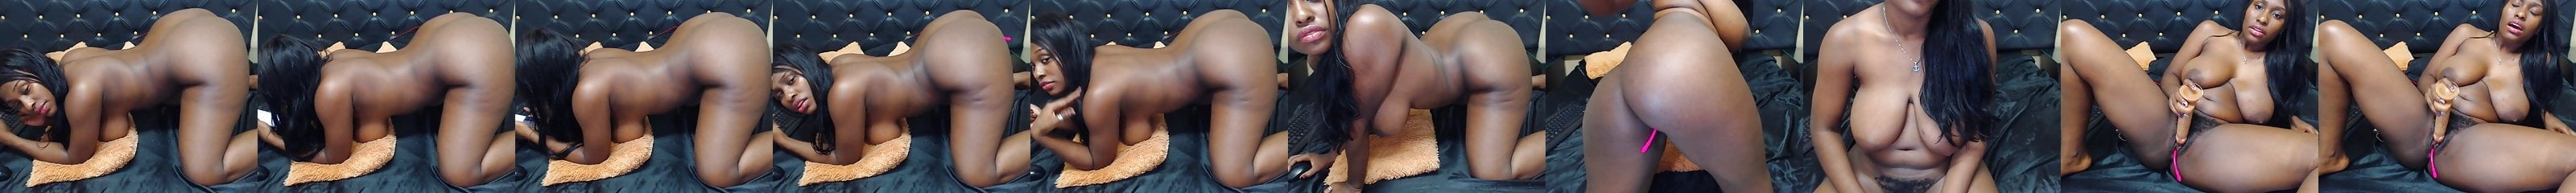 big tits naked